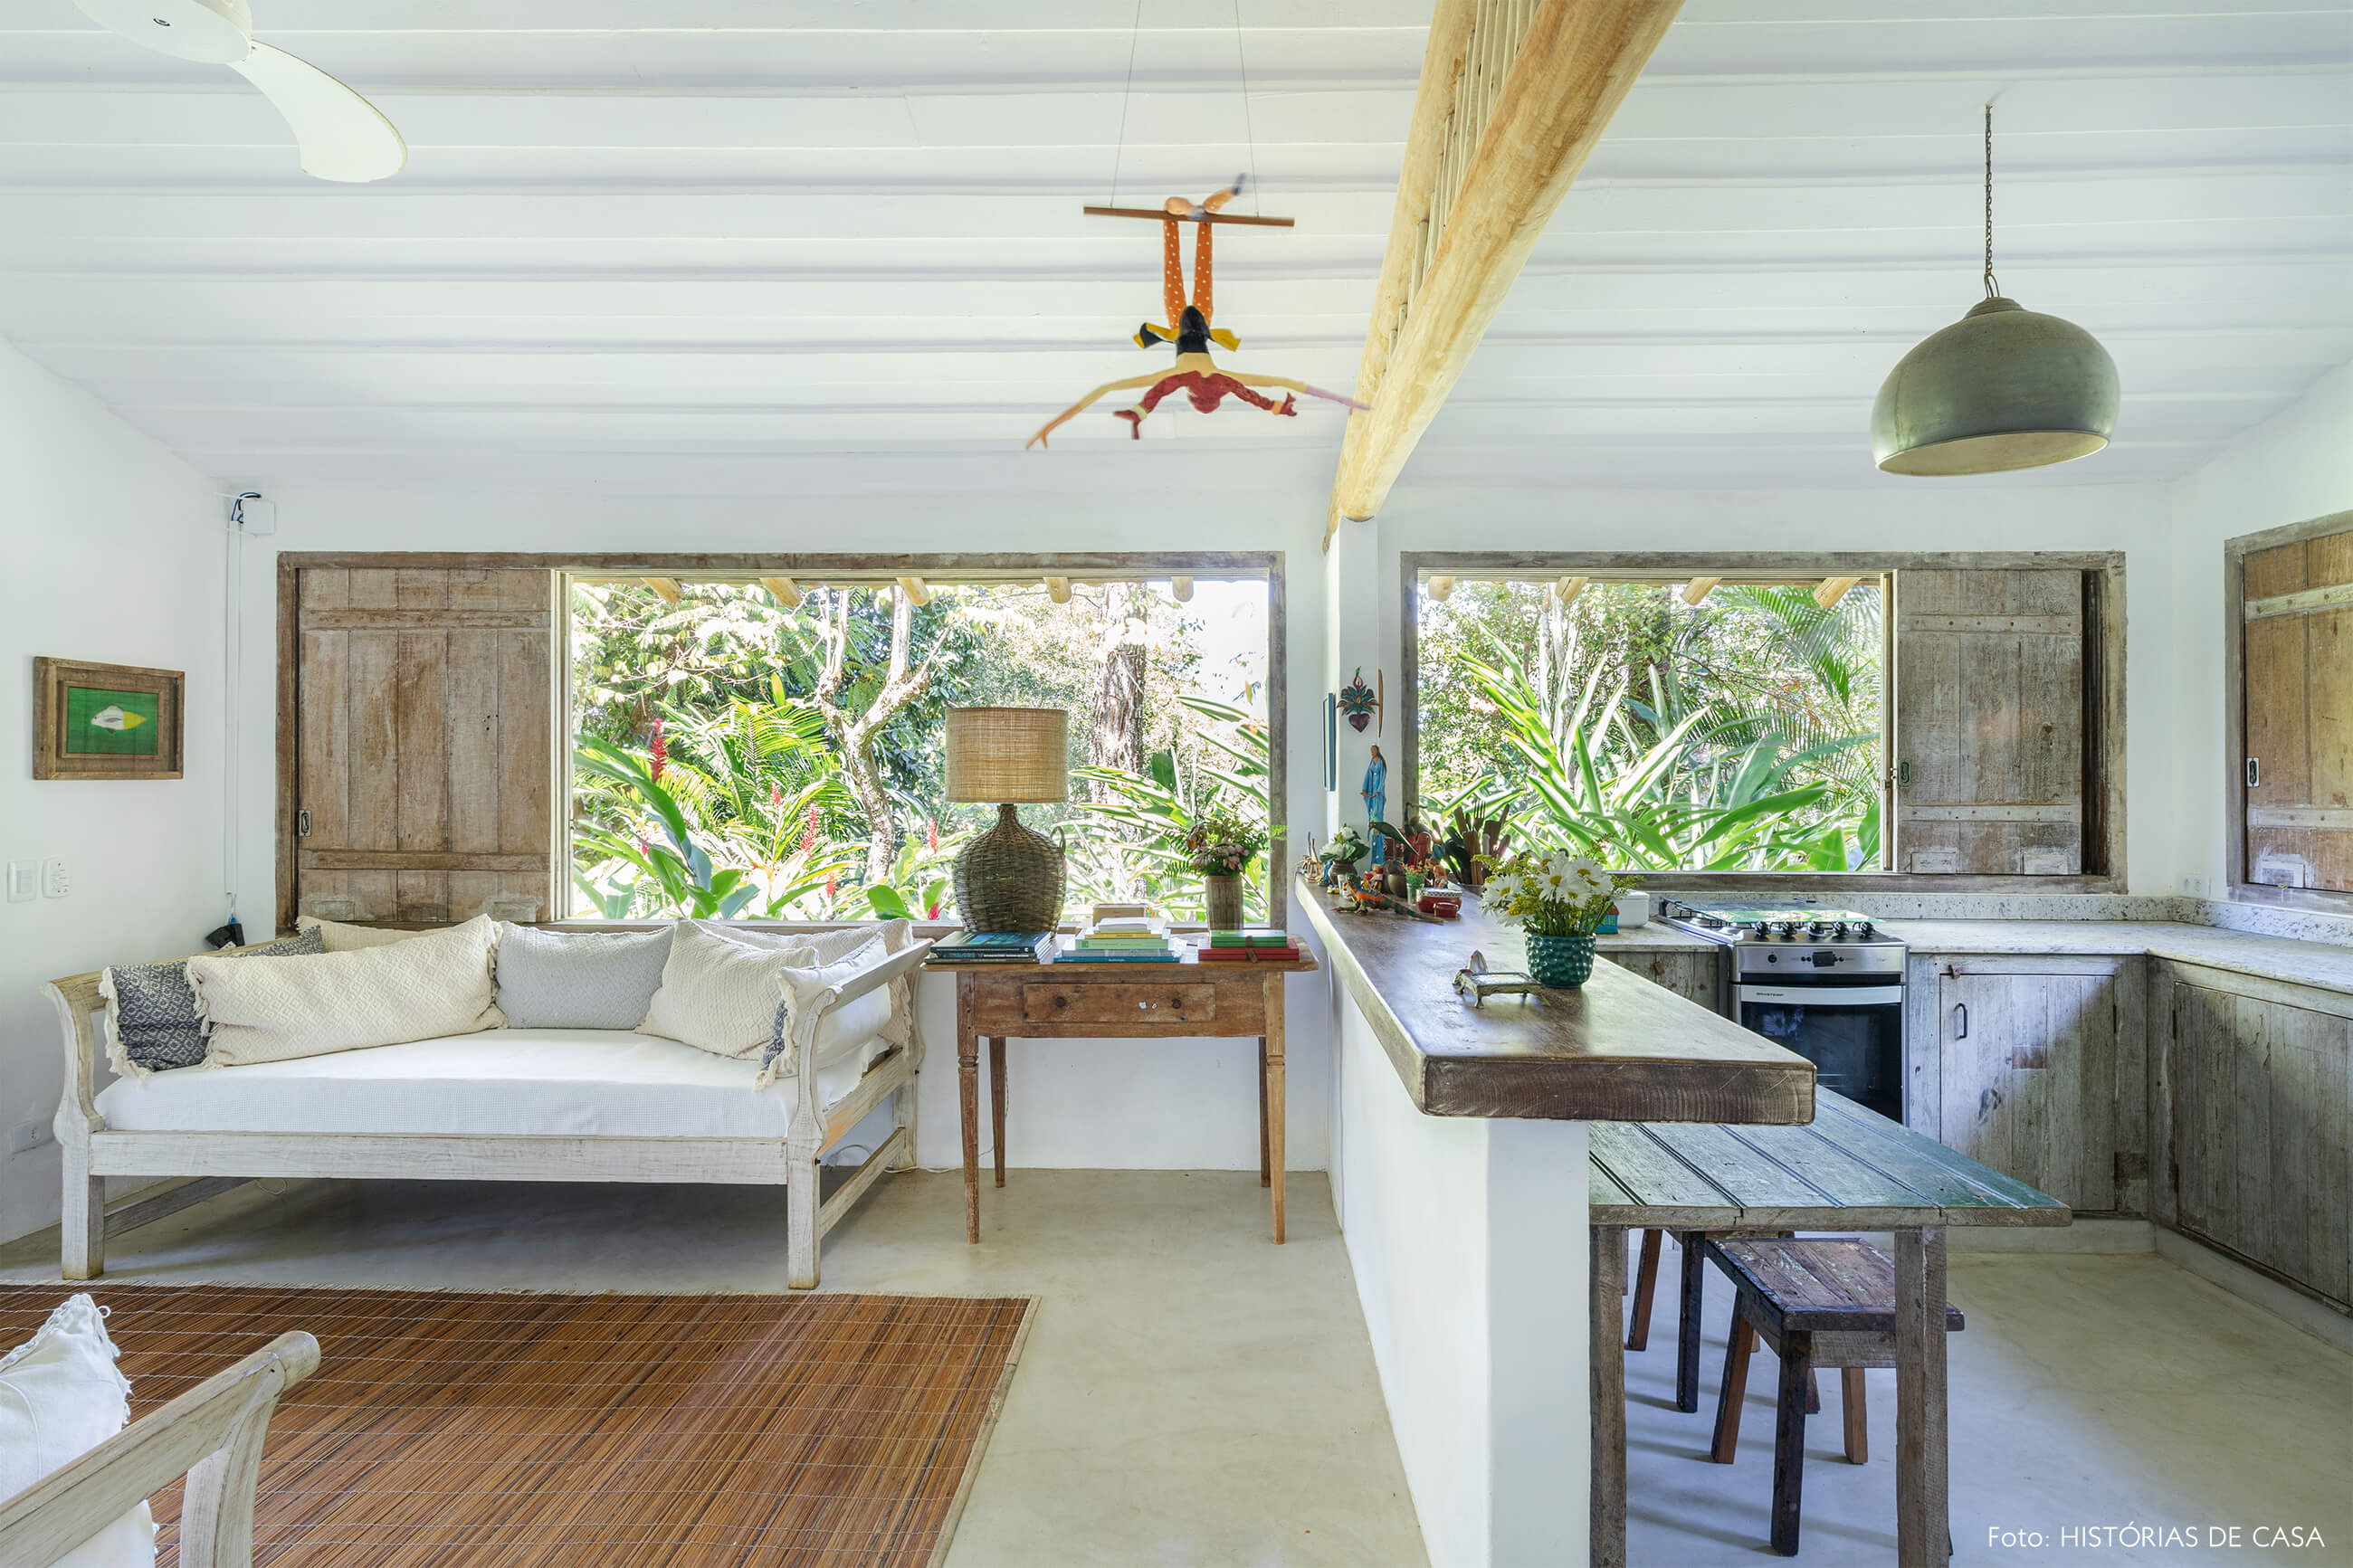 sala-e-cozinha-com-bancada-de-madeira